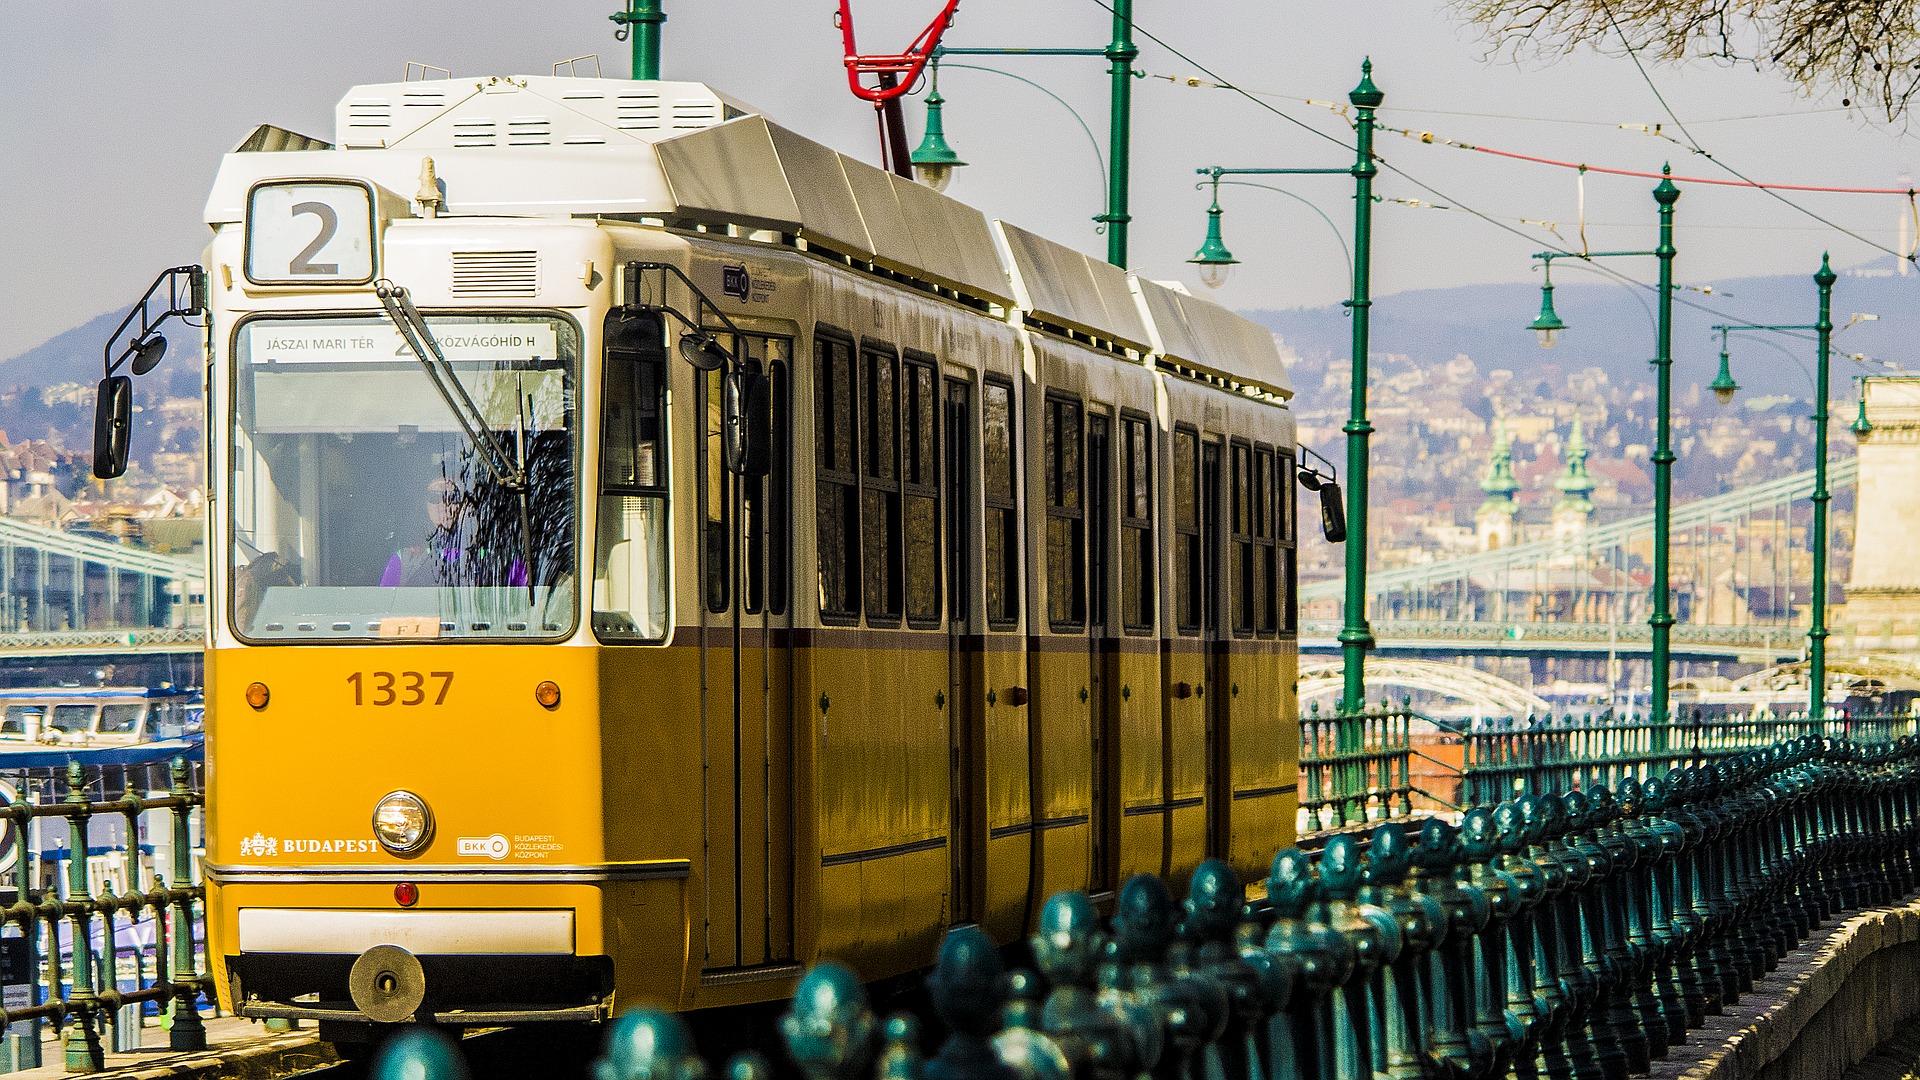 Uskočite u tramvaj i razgledajte Beograd besplatno